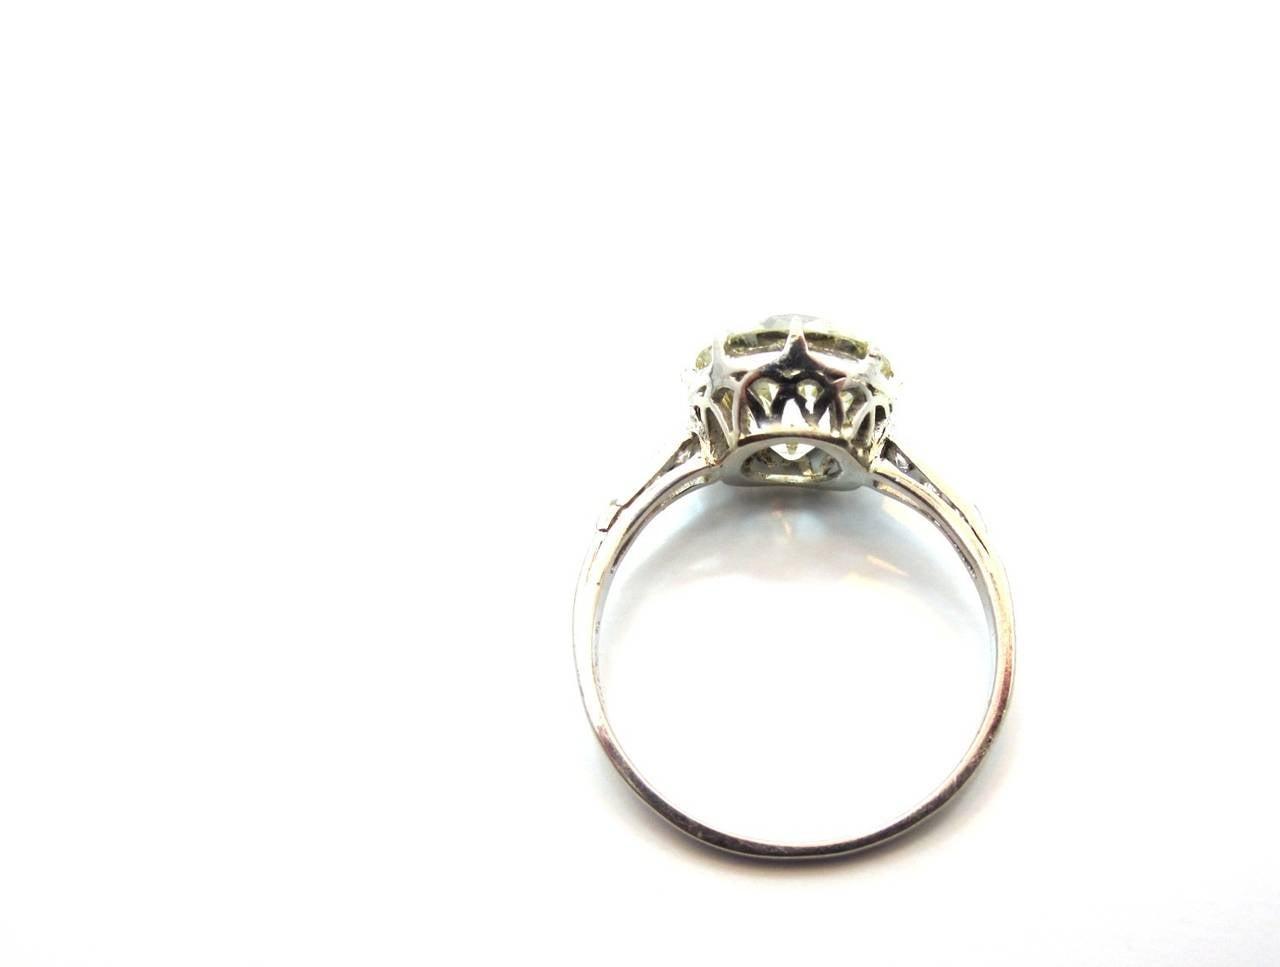 Edwardian 3 30 Carat Old European Cut Diamond Platinum Engagement Ring at 1st